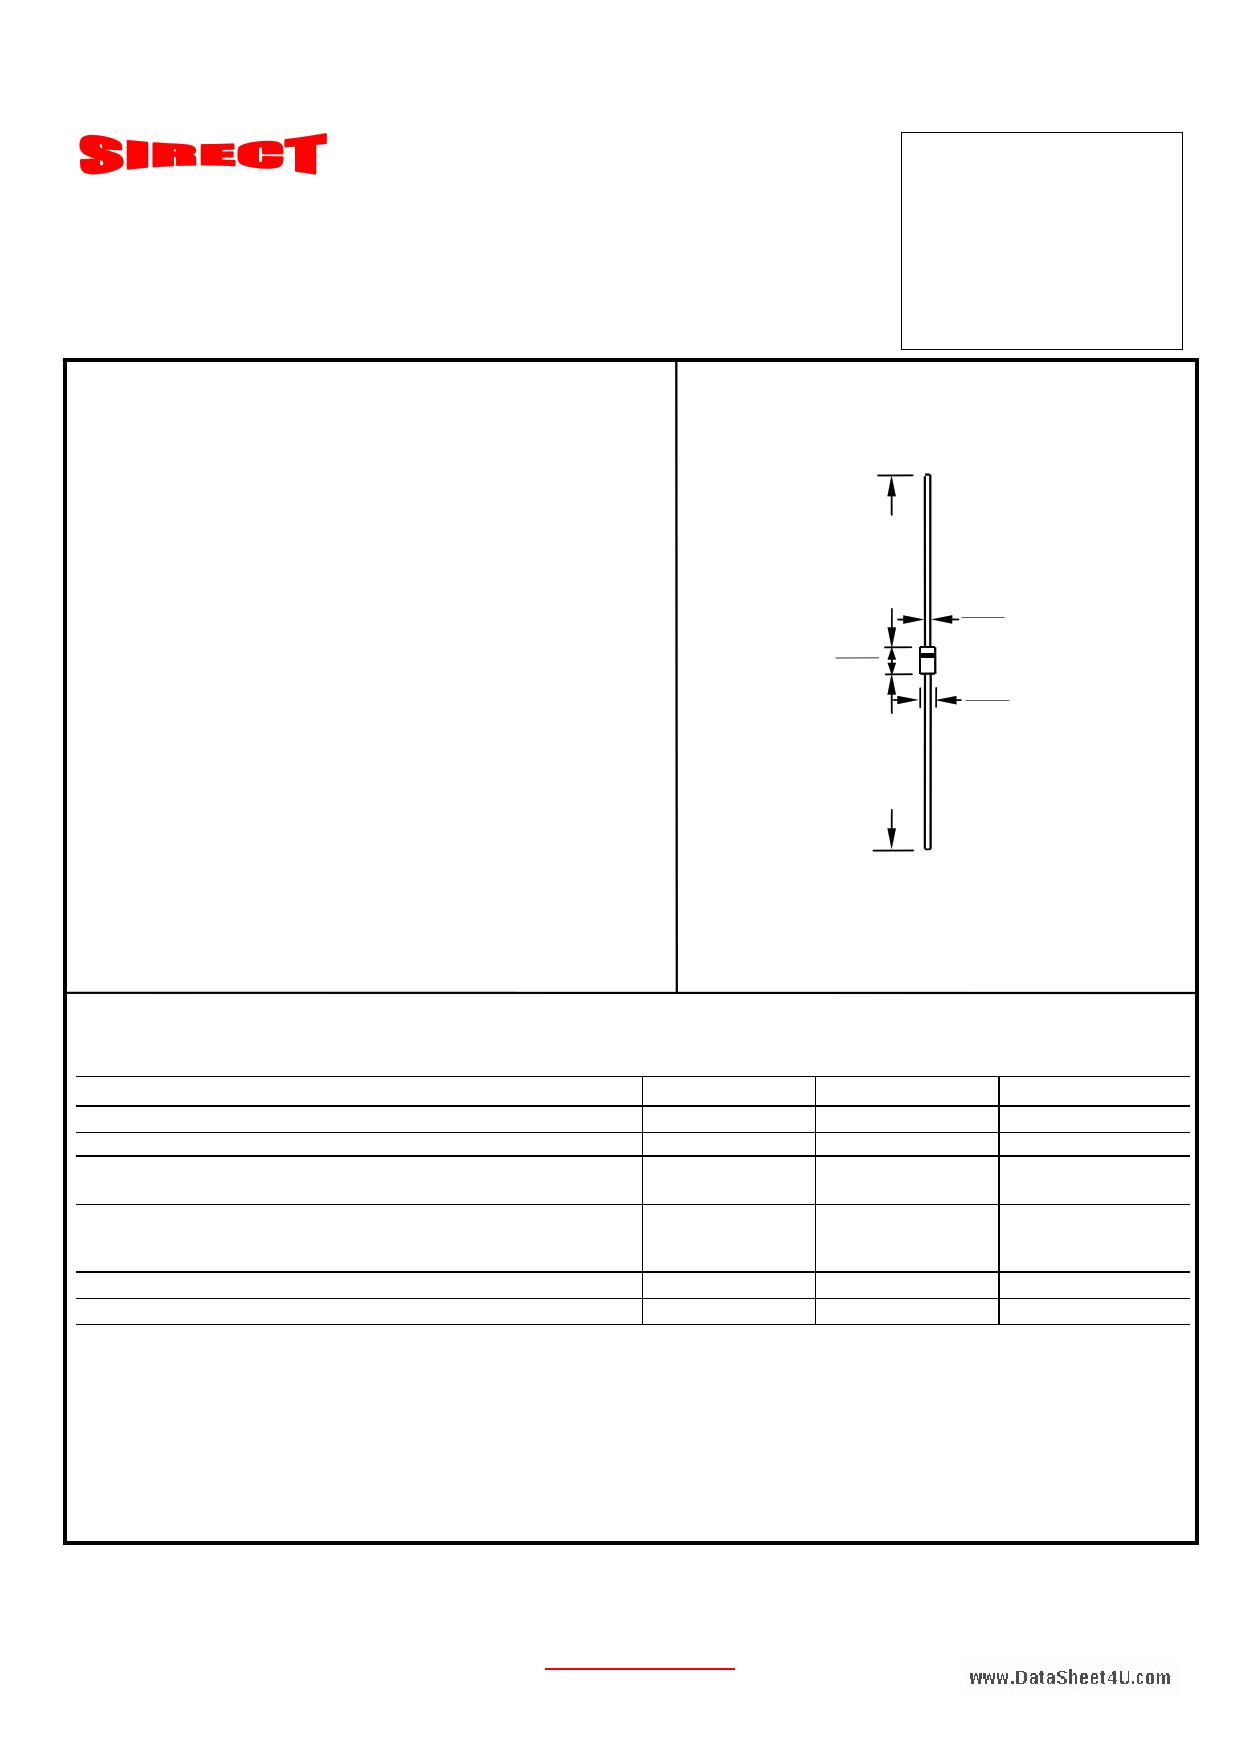 P4KE30CA-LF datasheet